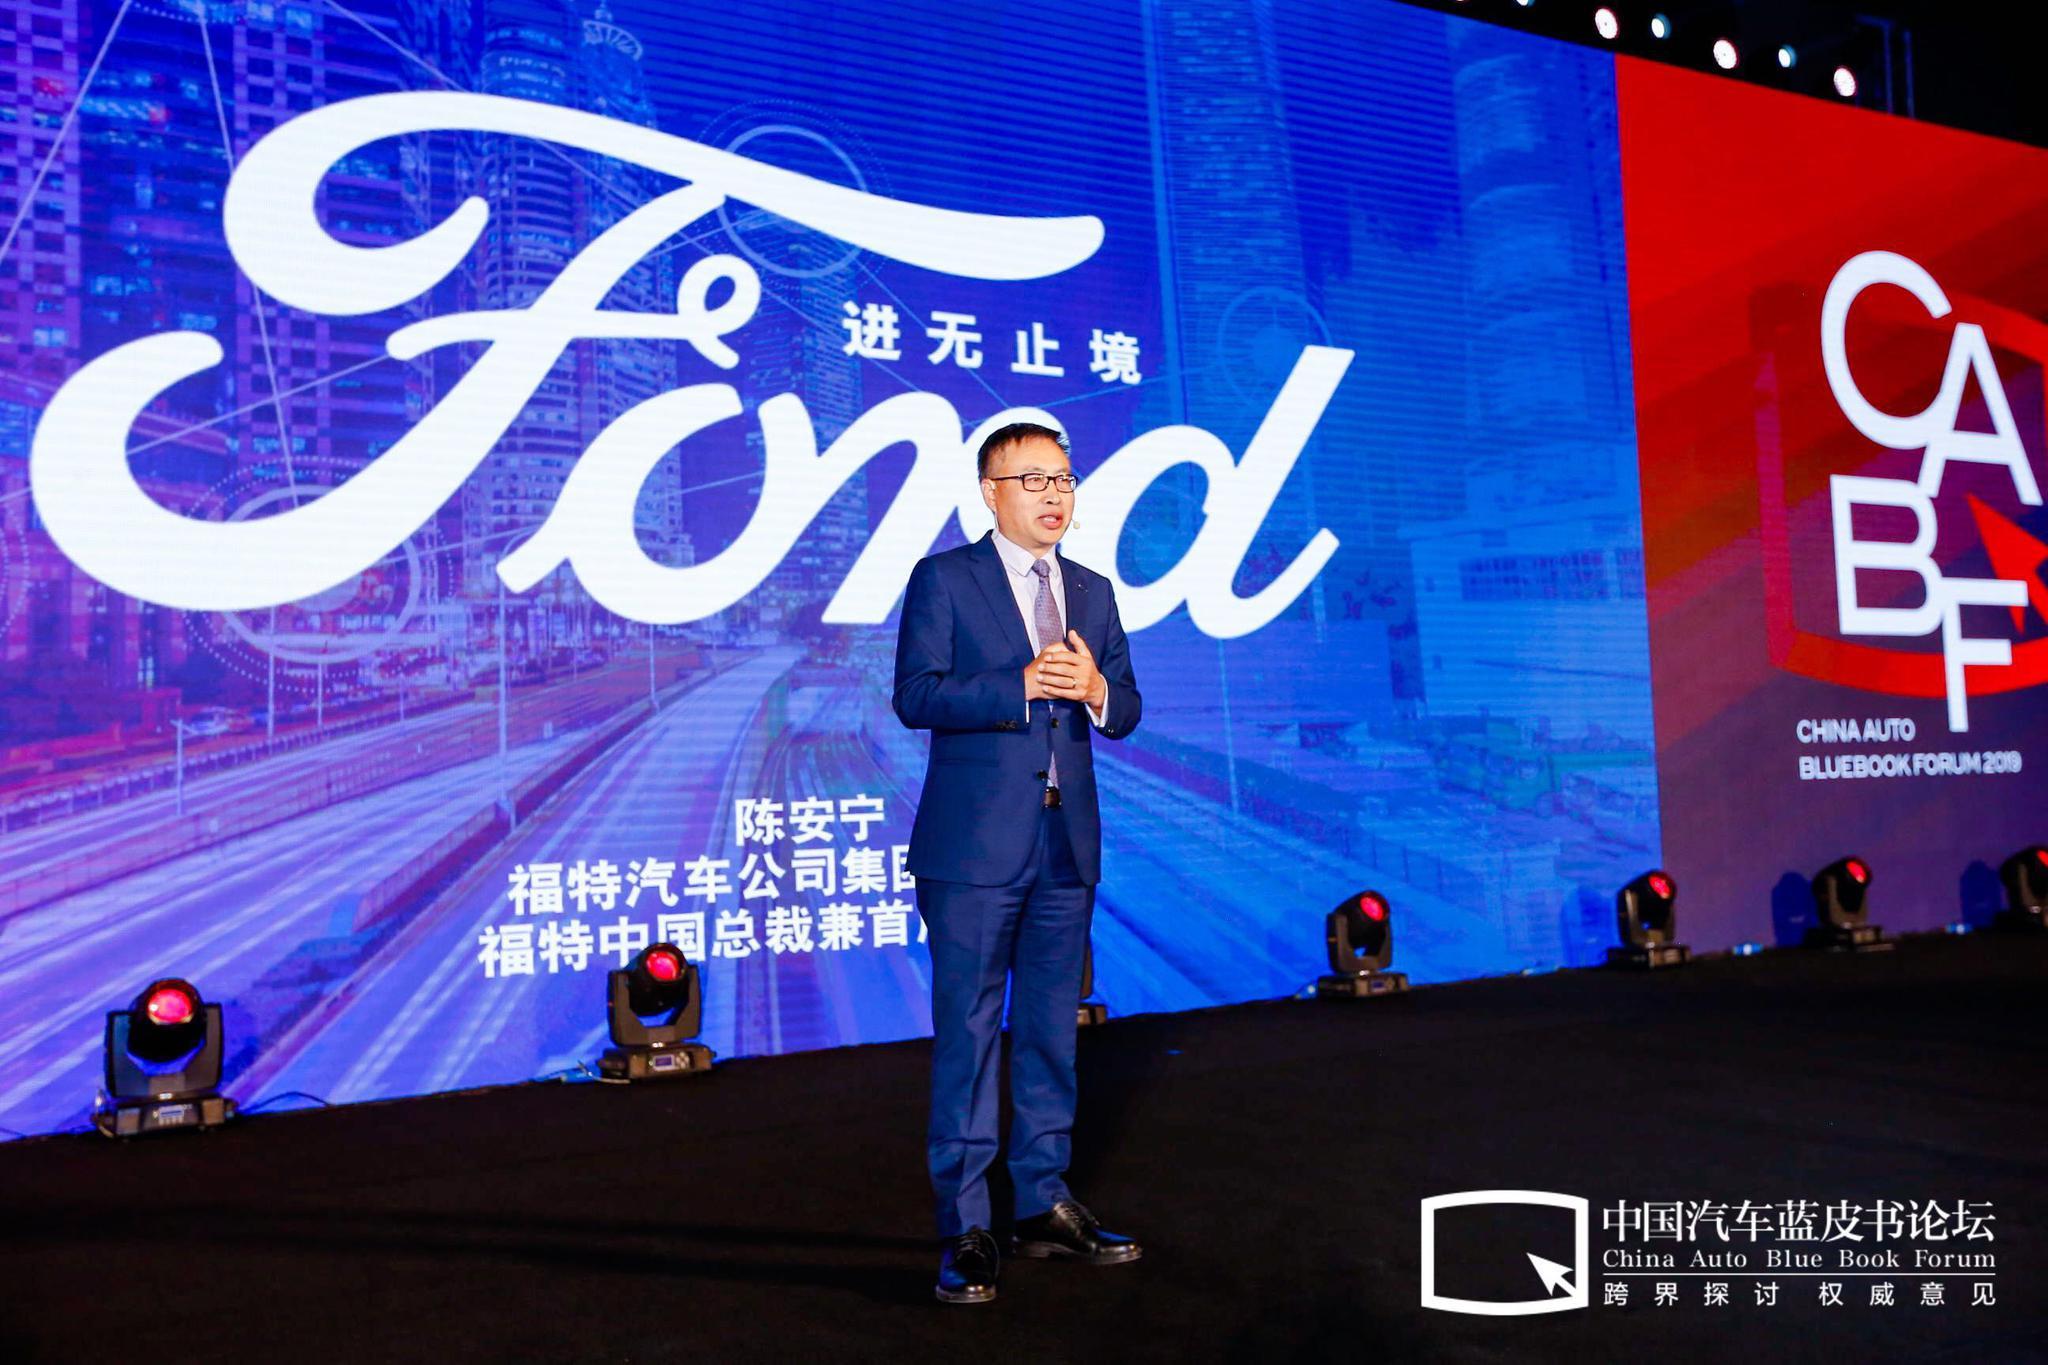 福特陈安宁:以中国速度探索中国汽车产业转型